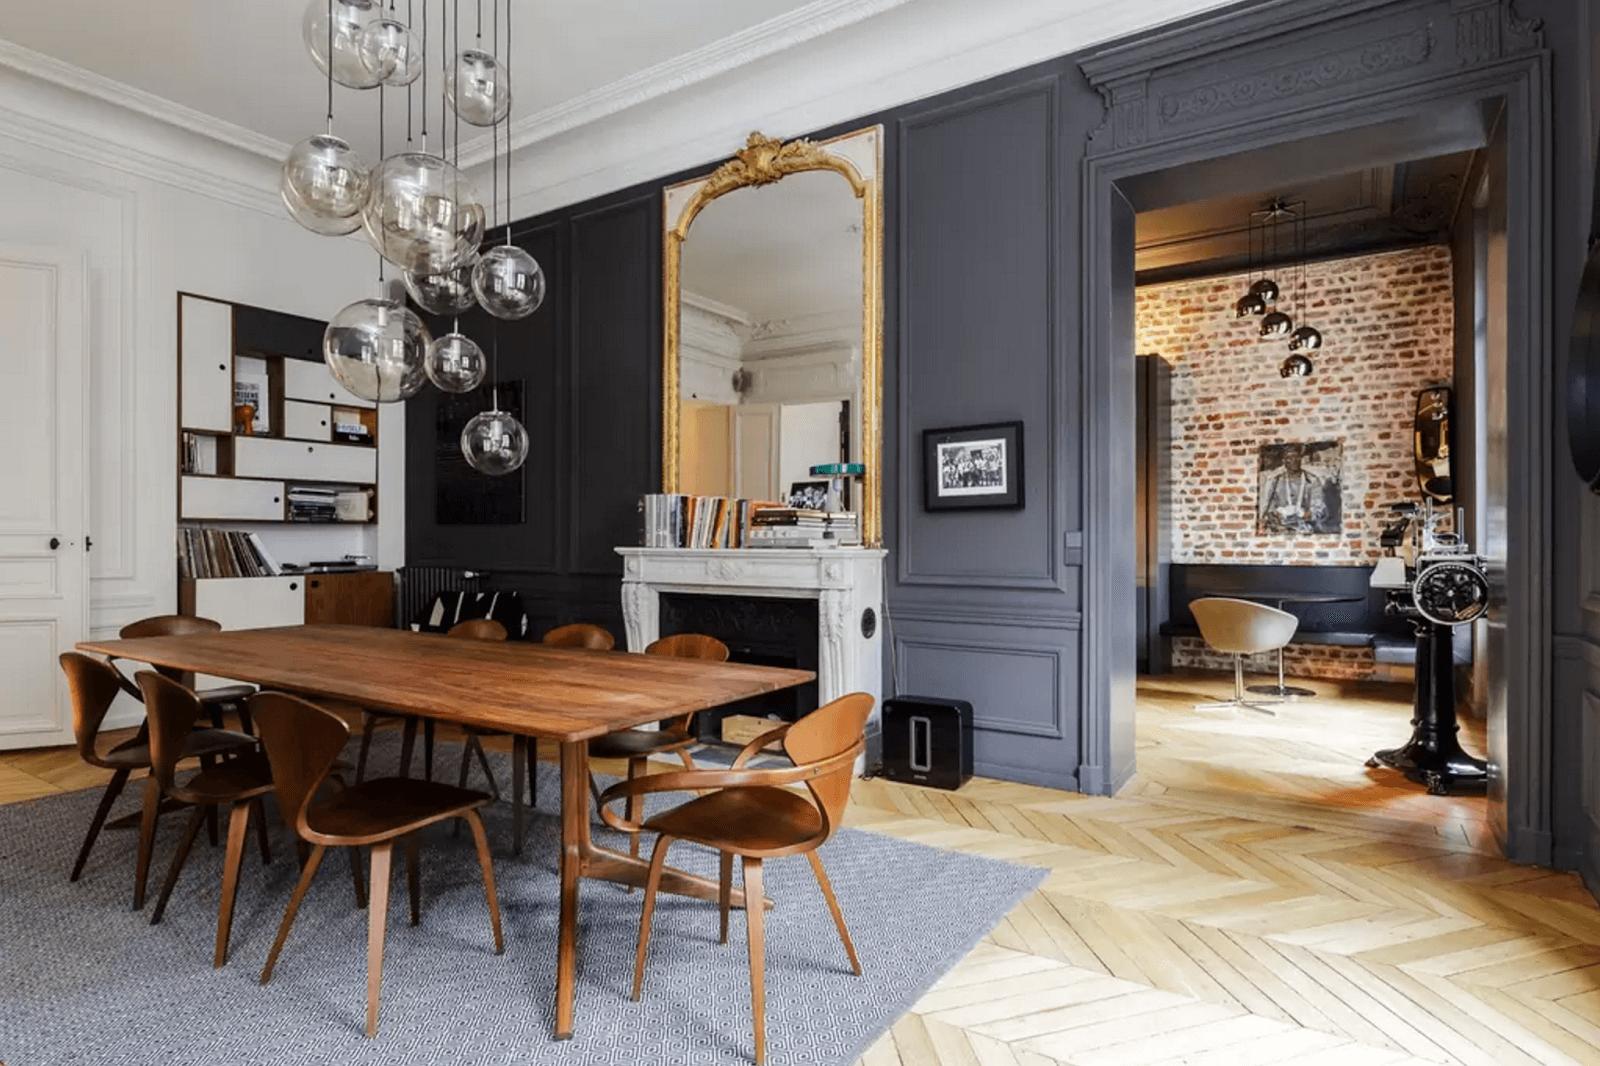 Formteile und dunkle Farben  Inspirationen  Wohnungen in